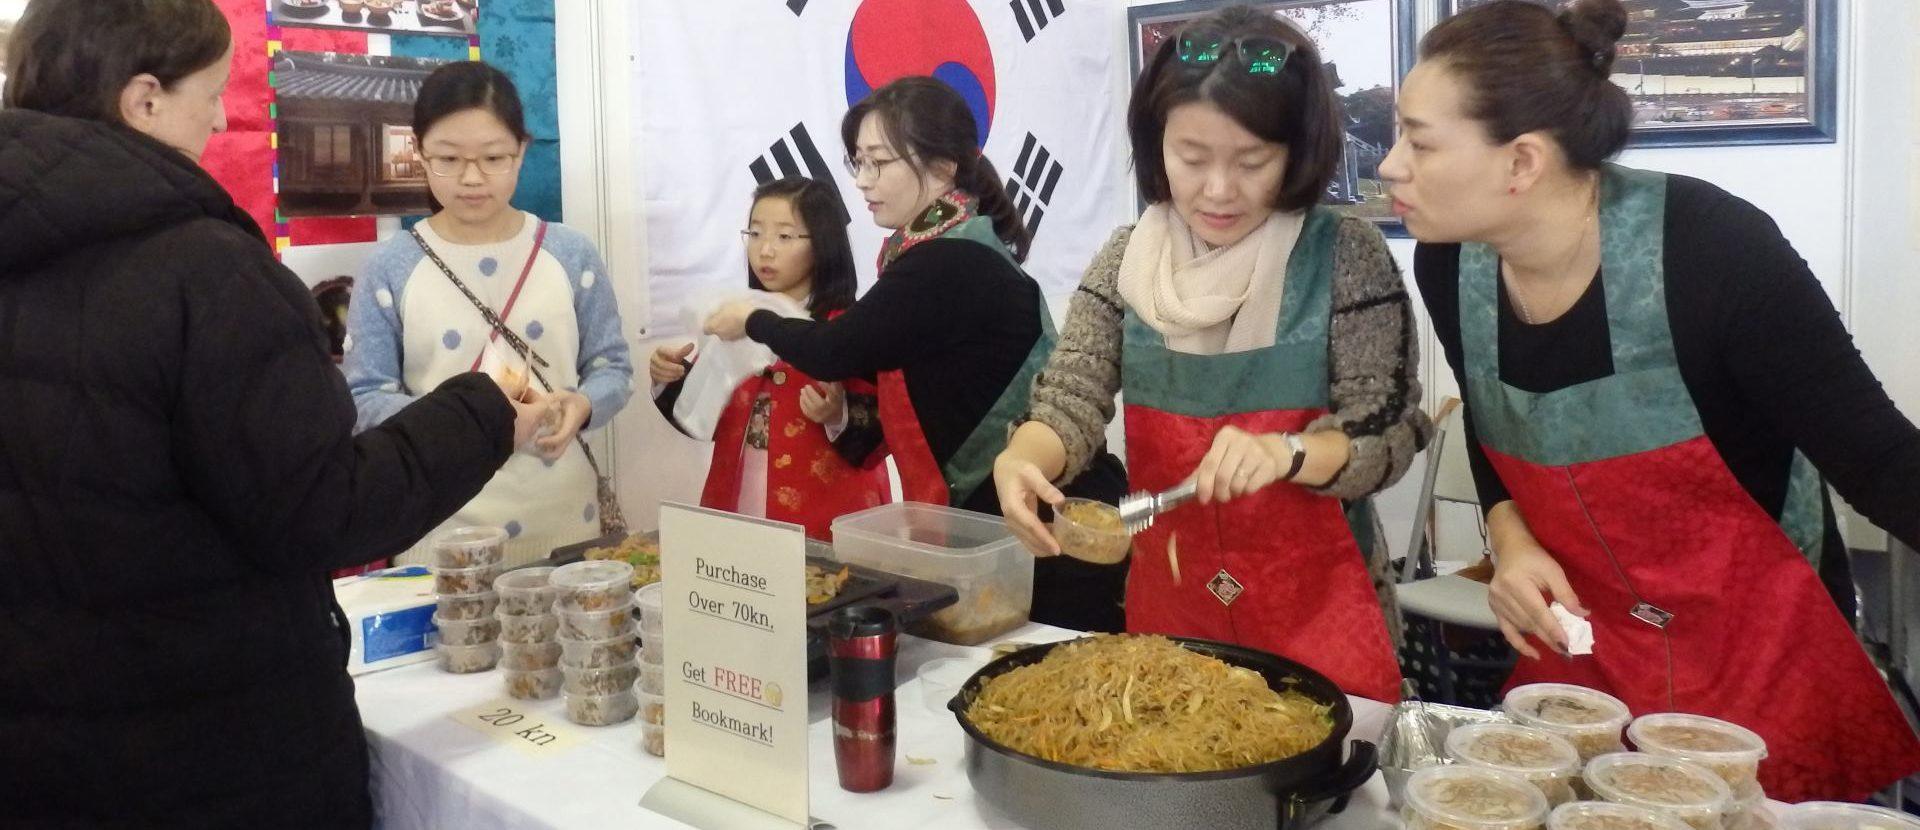 Festival hrane iz 50 zemalja svijeta na Božićnom sajmu u organizaciji Međunarodnog kluba žena Zagreb (IWCZ)